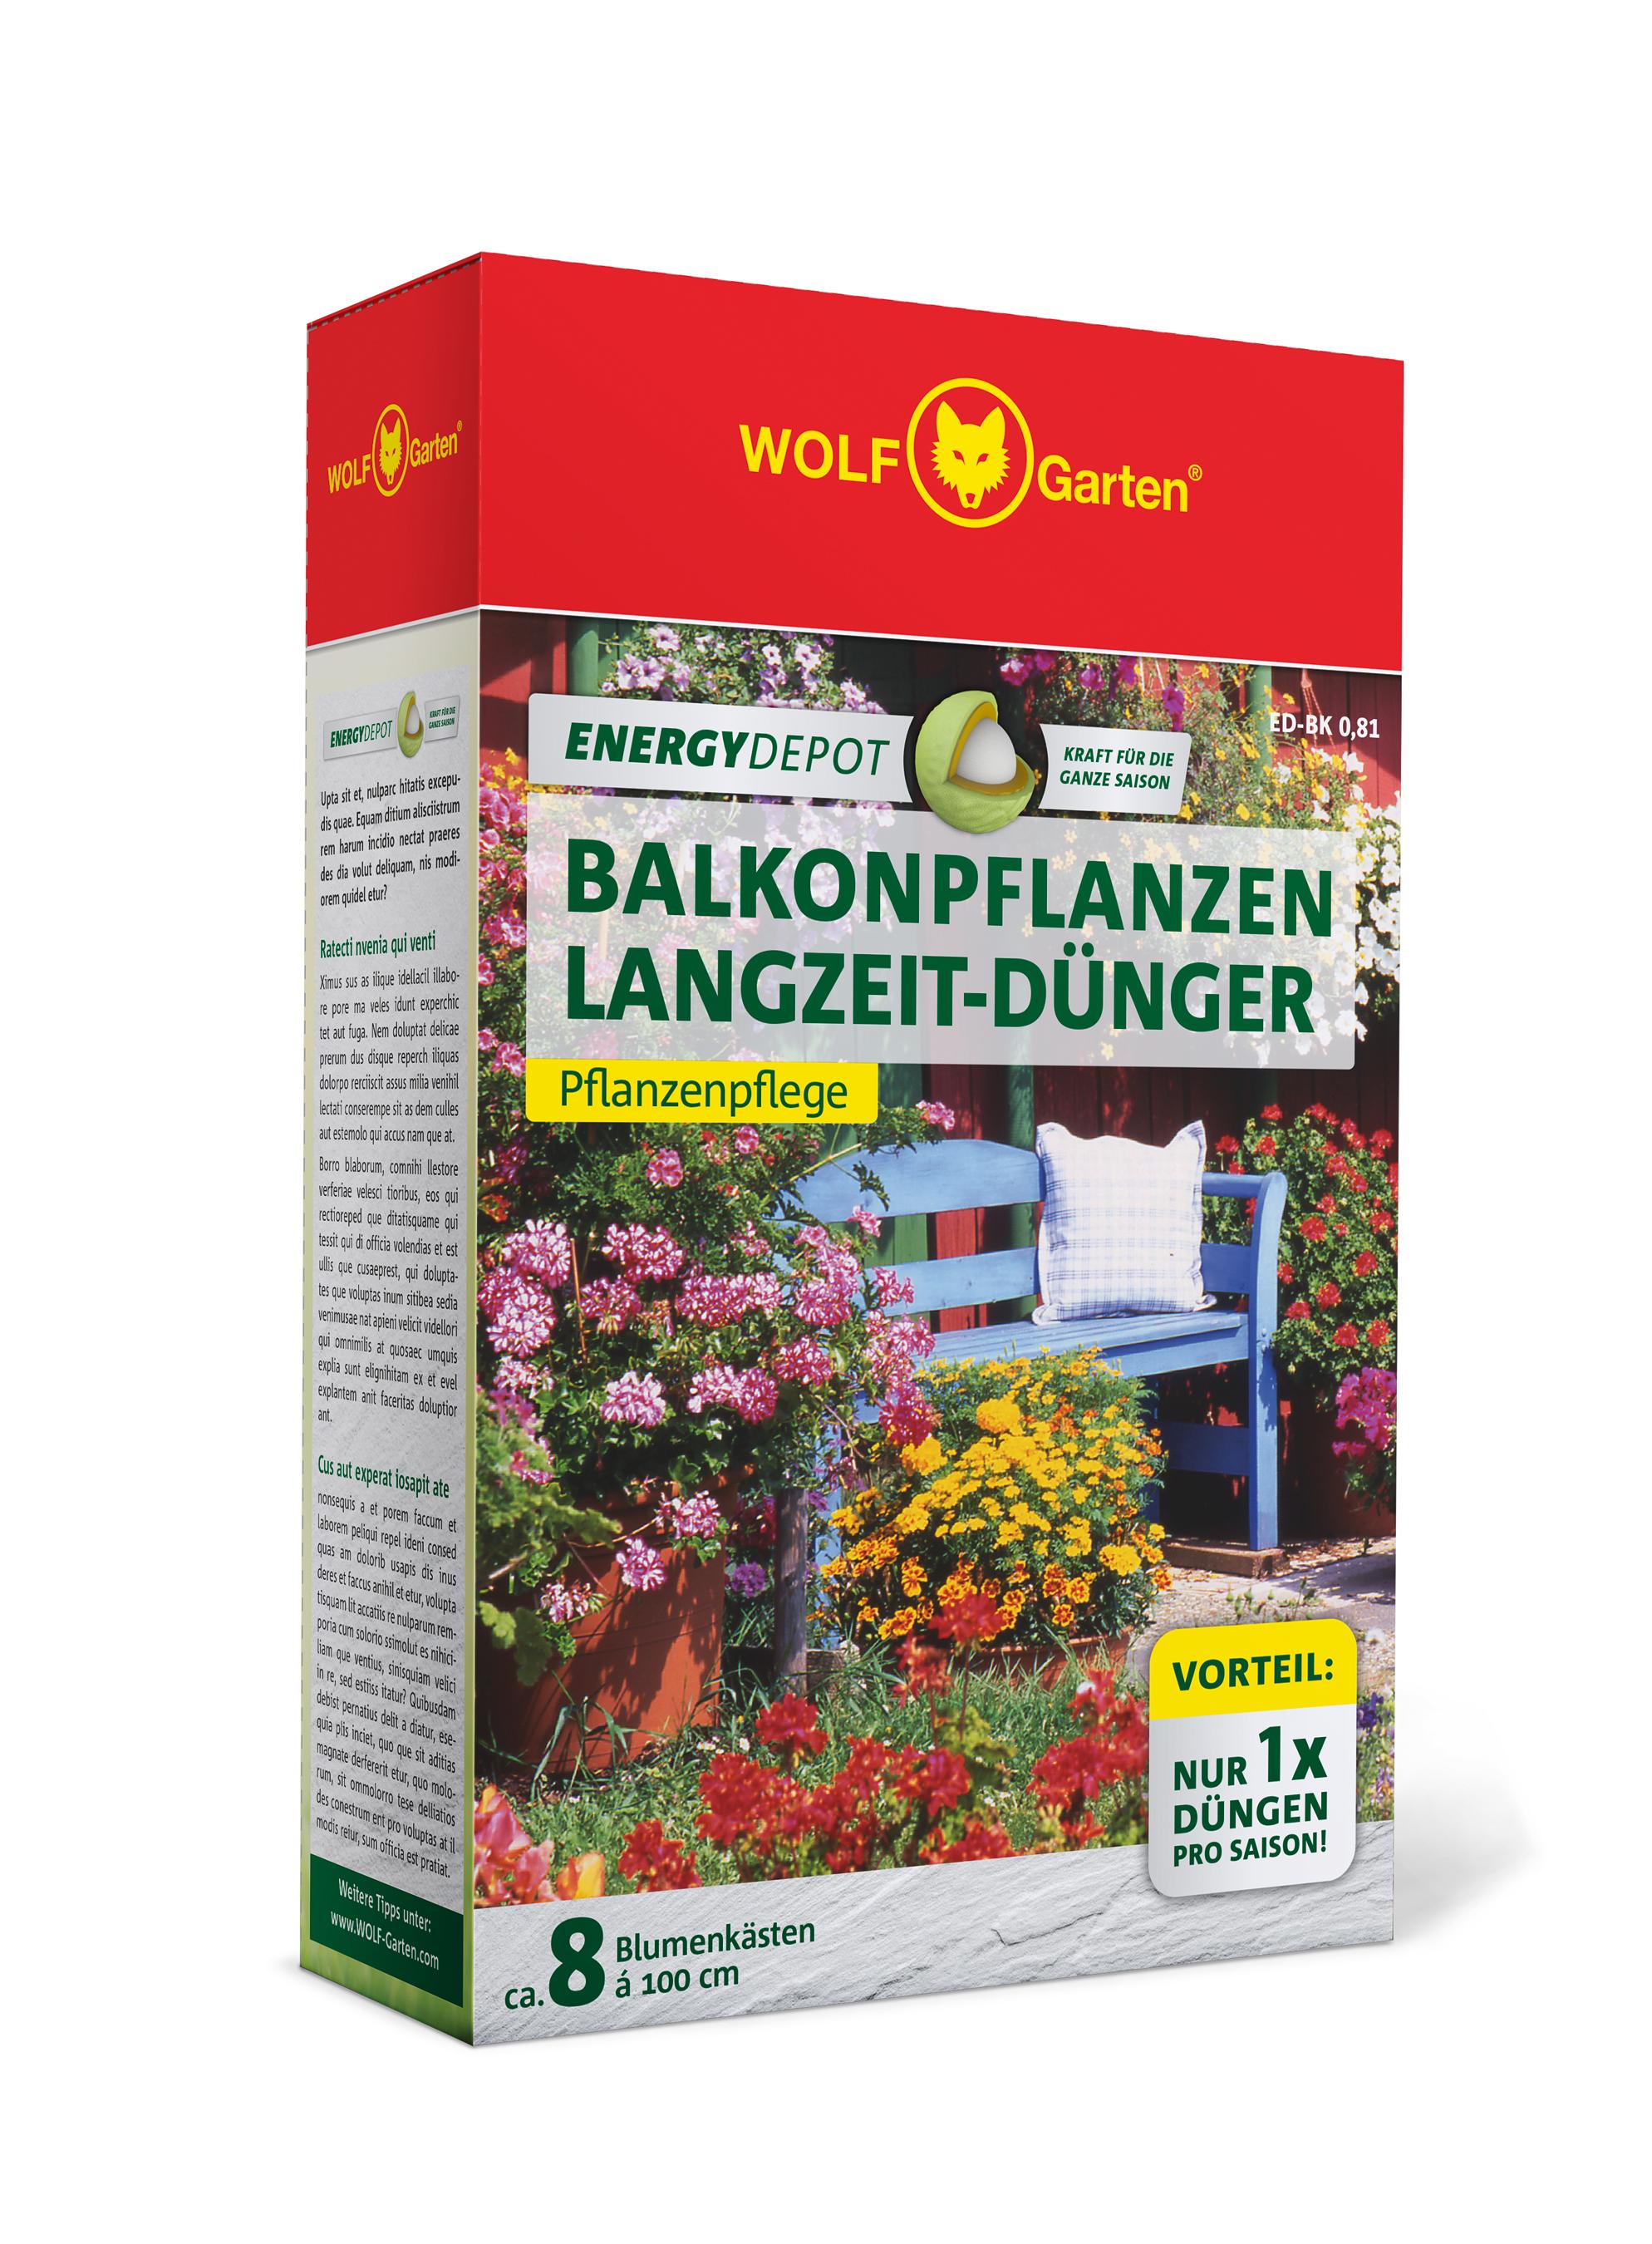 Wolf Garten Balkonpflanzen Langzeit-Dünger Energy Depot 810g Bild 1